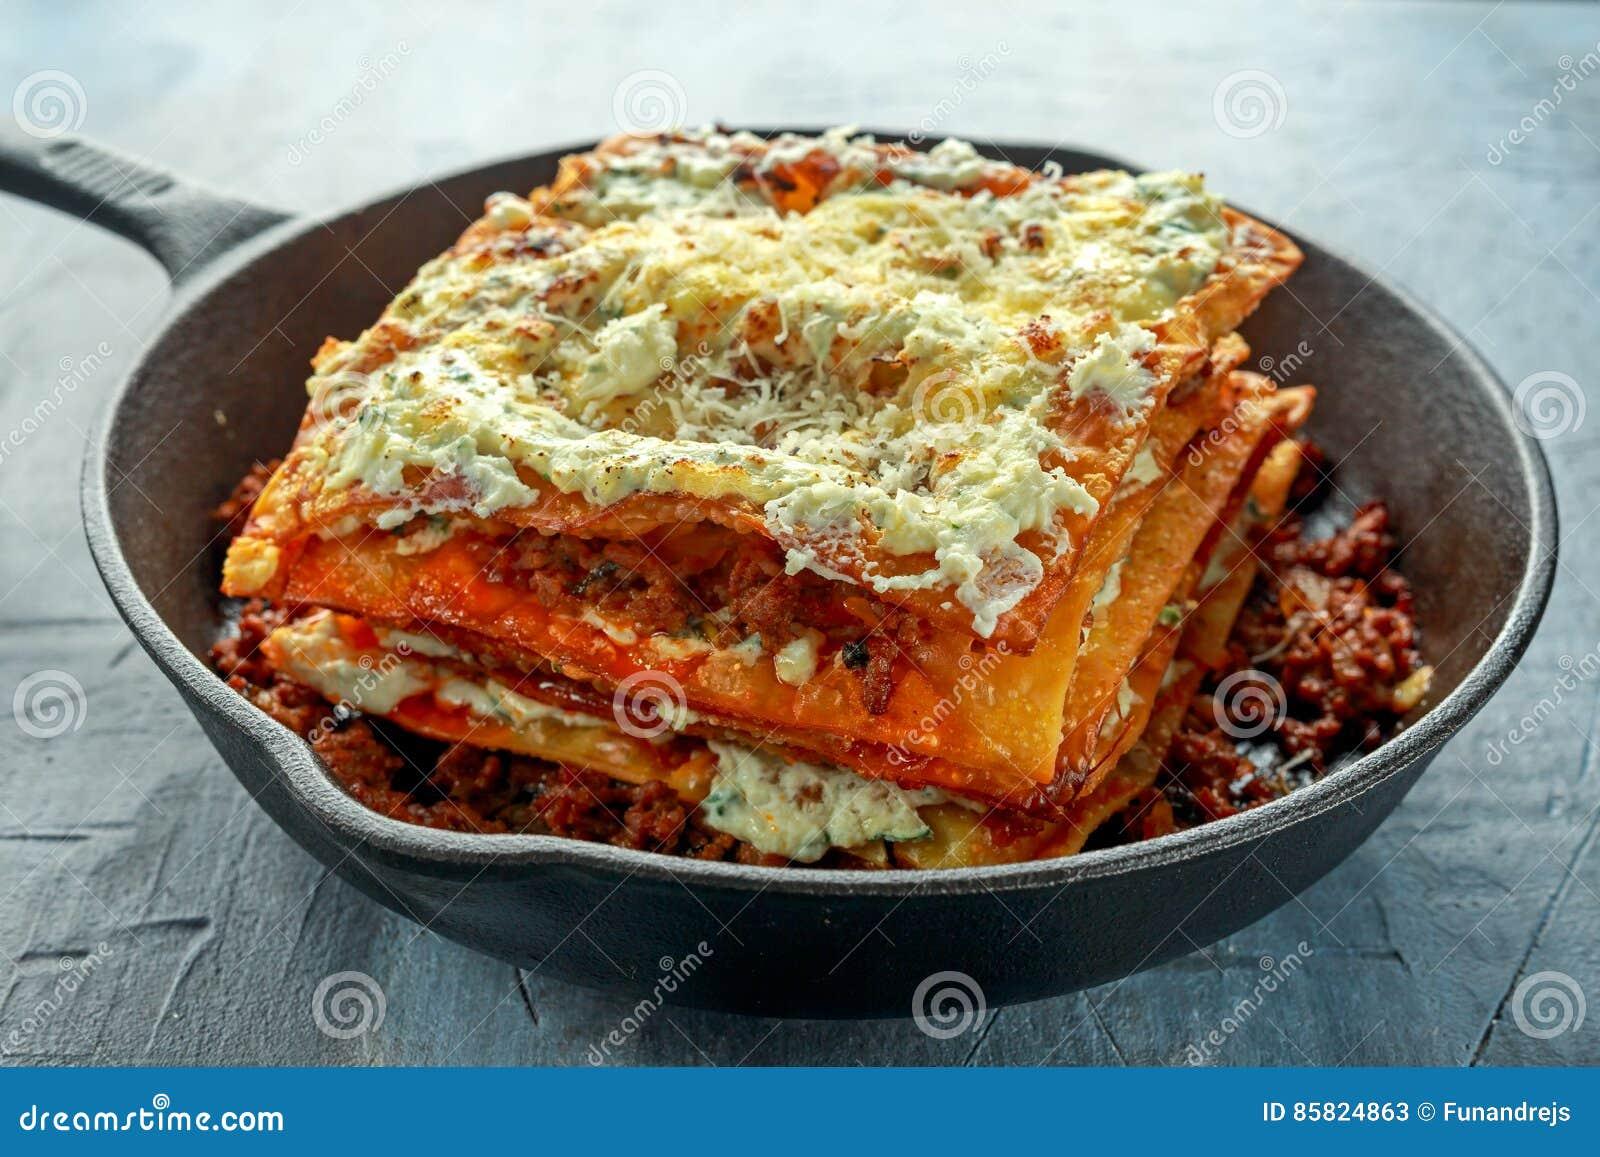 Eigengemaakte Knapperige lasagna s in ijzerpan met fijngehakte rundvlees bolognese saus, parmezaanse kaaskaas